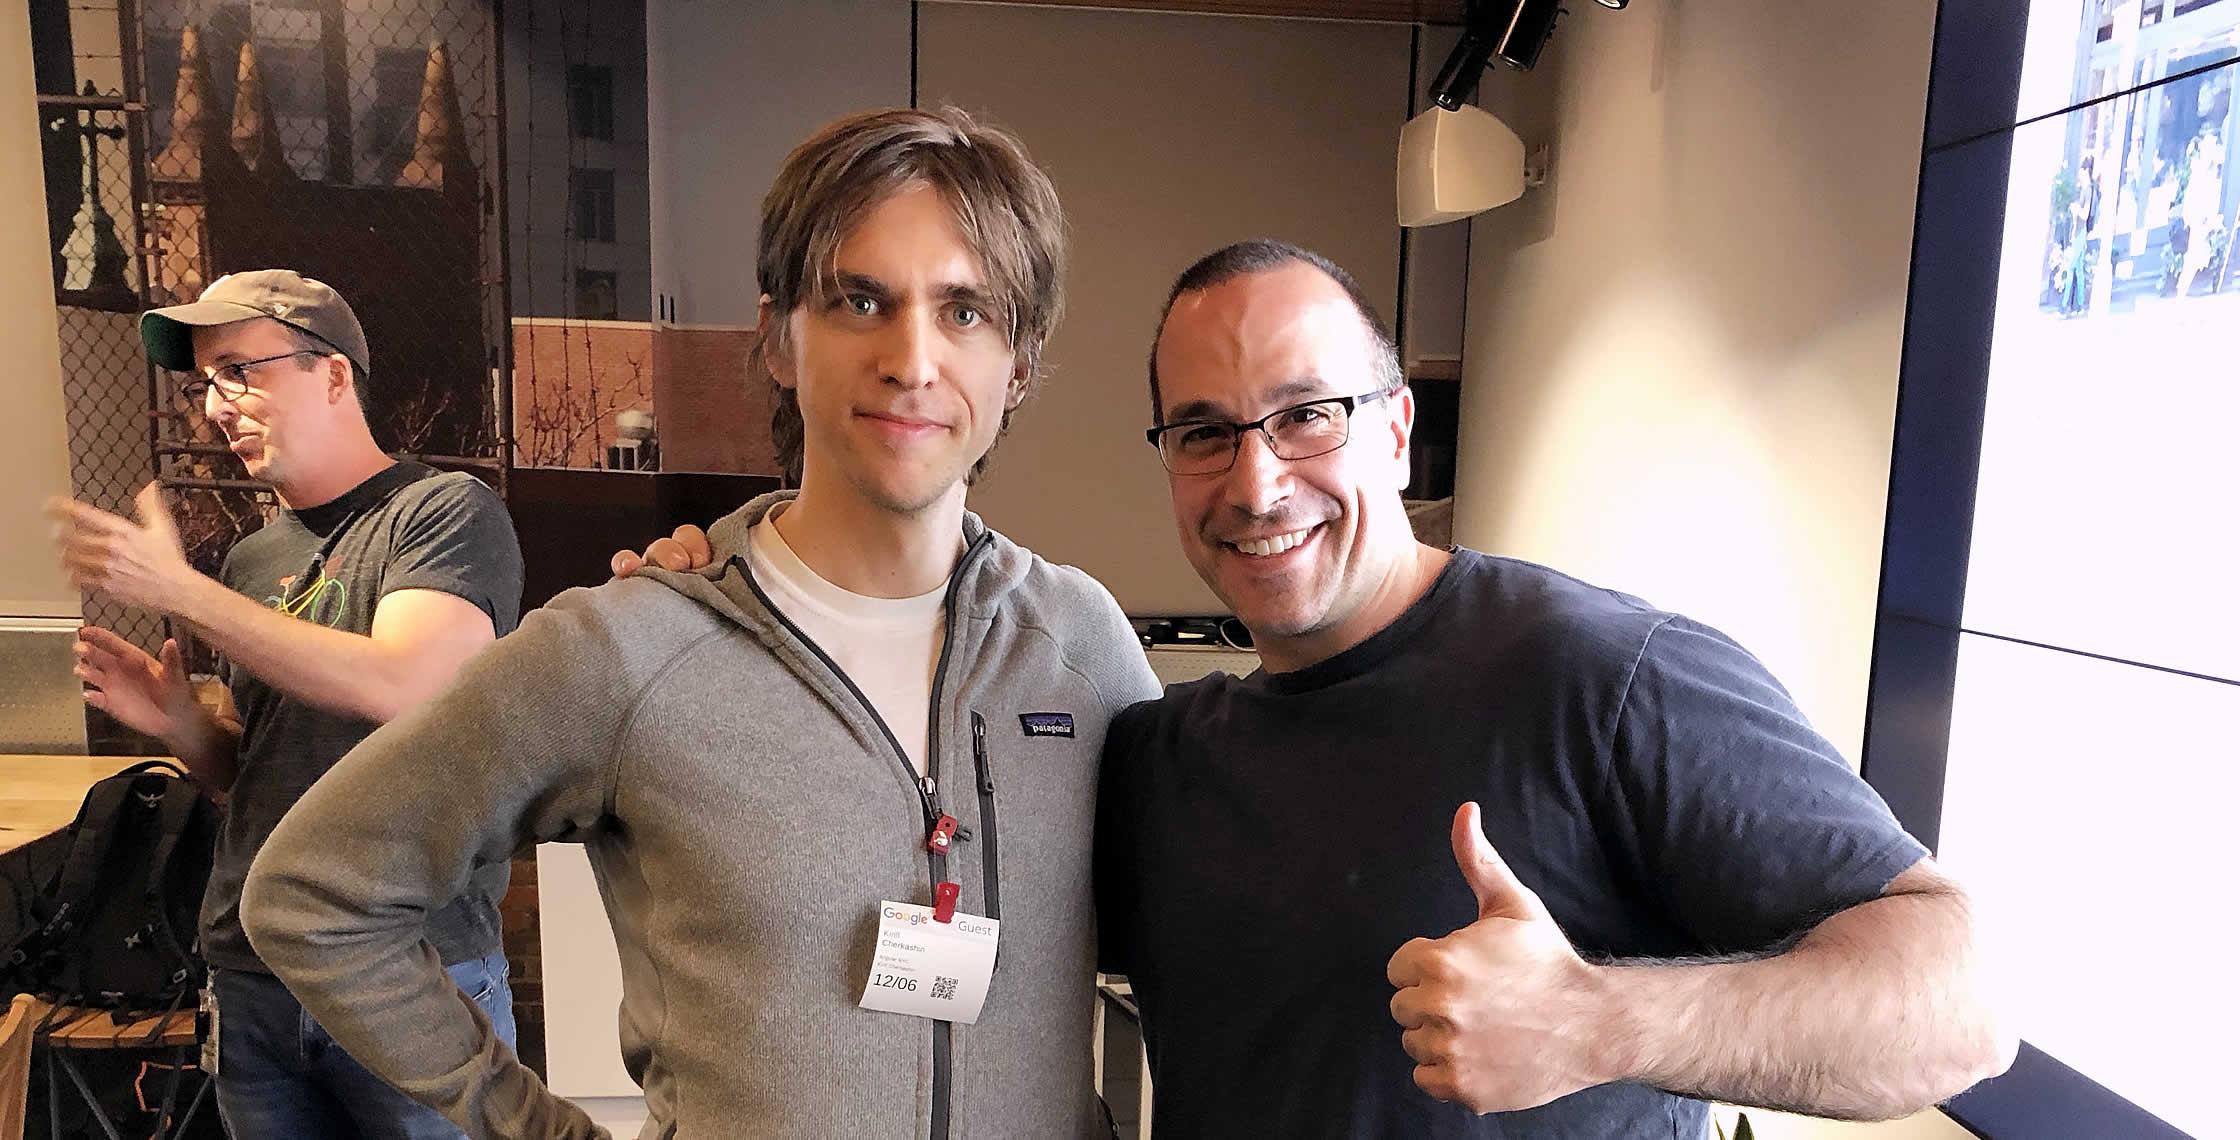 Ben Nadel at the Angular NYC Meetup (Dec. 2018) with: Kirill Cherkashin